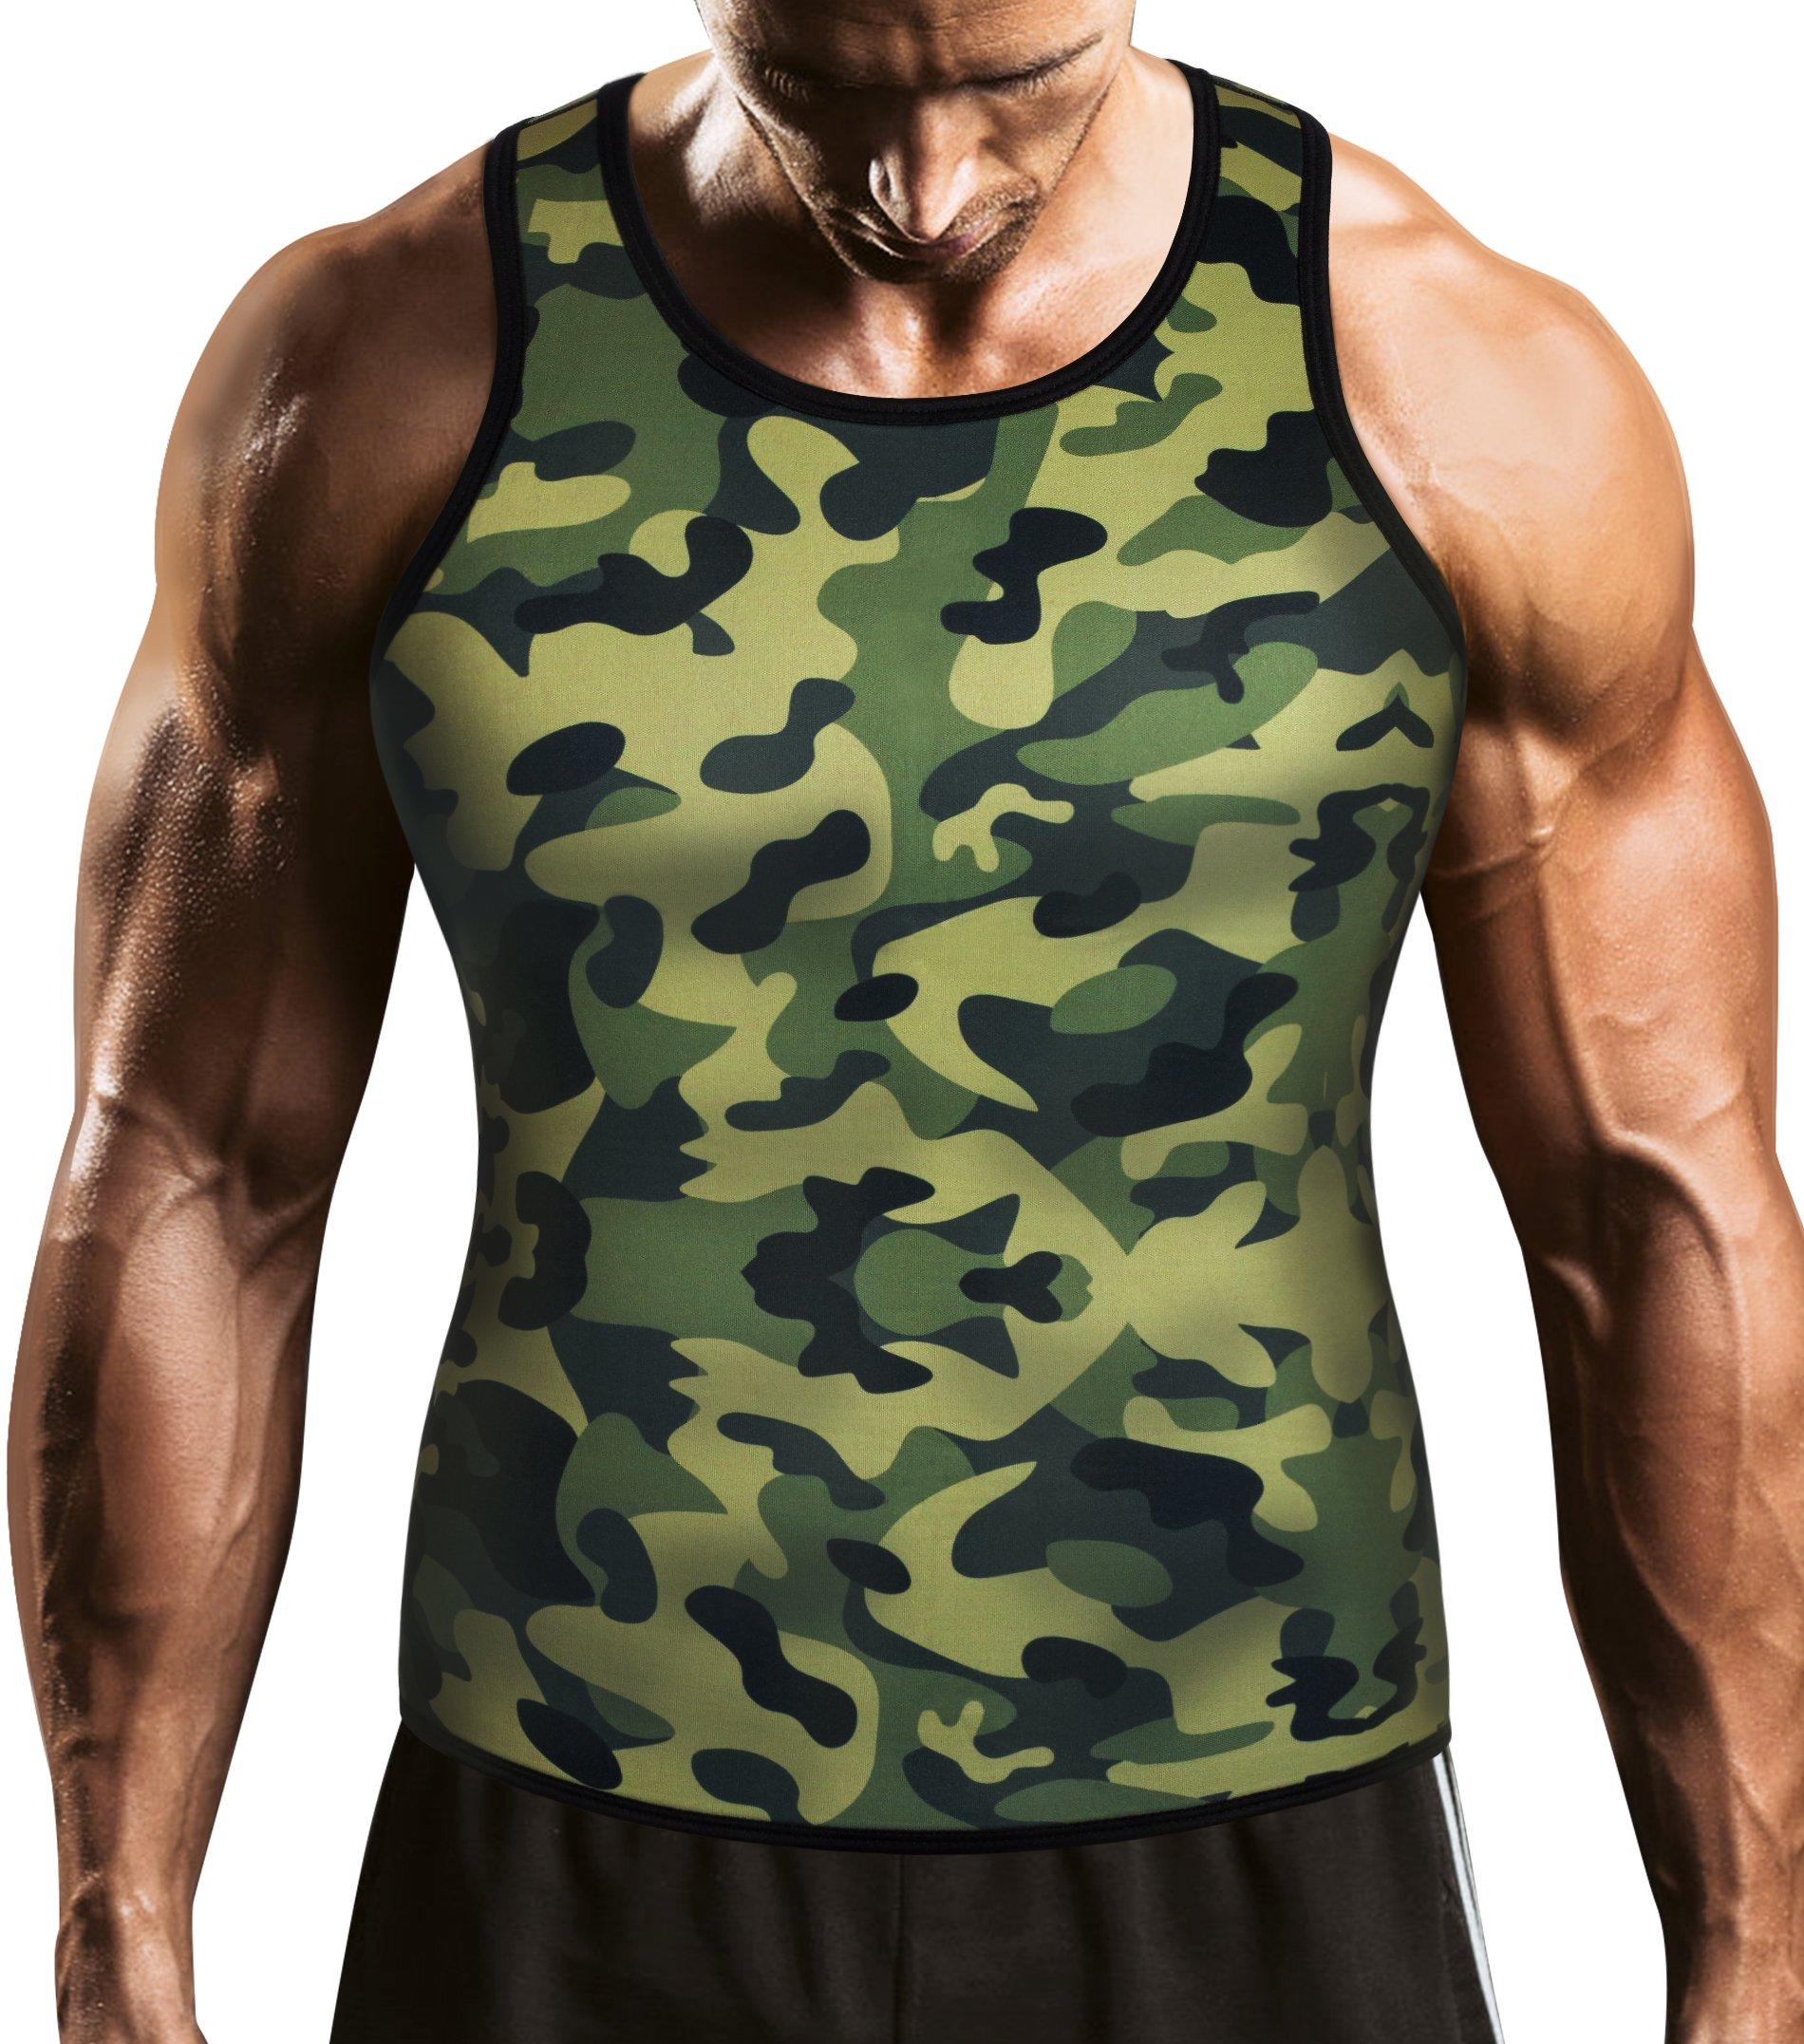 Men Waist Trainer Corset Vest for Weight Loss Hot Neoprene Body Shaper Tank Top Sauna Suit Shirt No Zip Trimmer (4XL, Khaki Camo and Black Inner Sauna Sweat Suits)